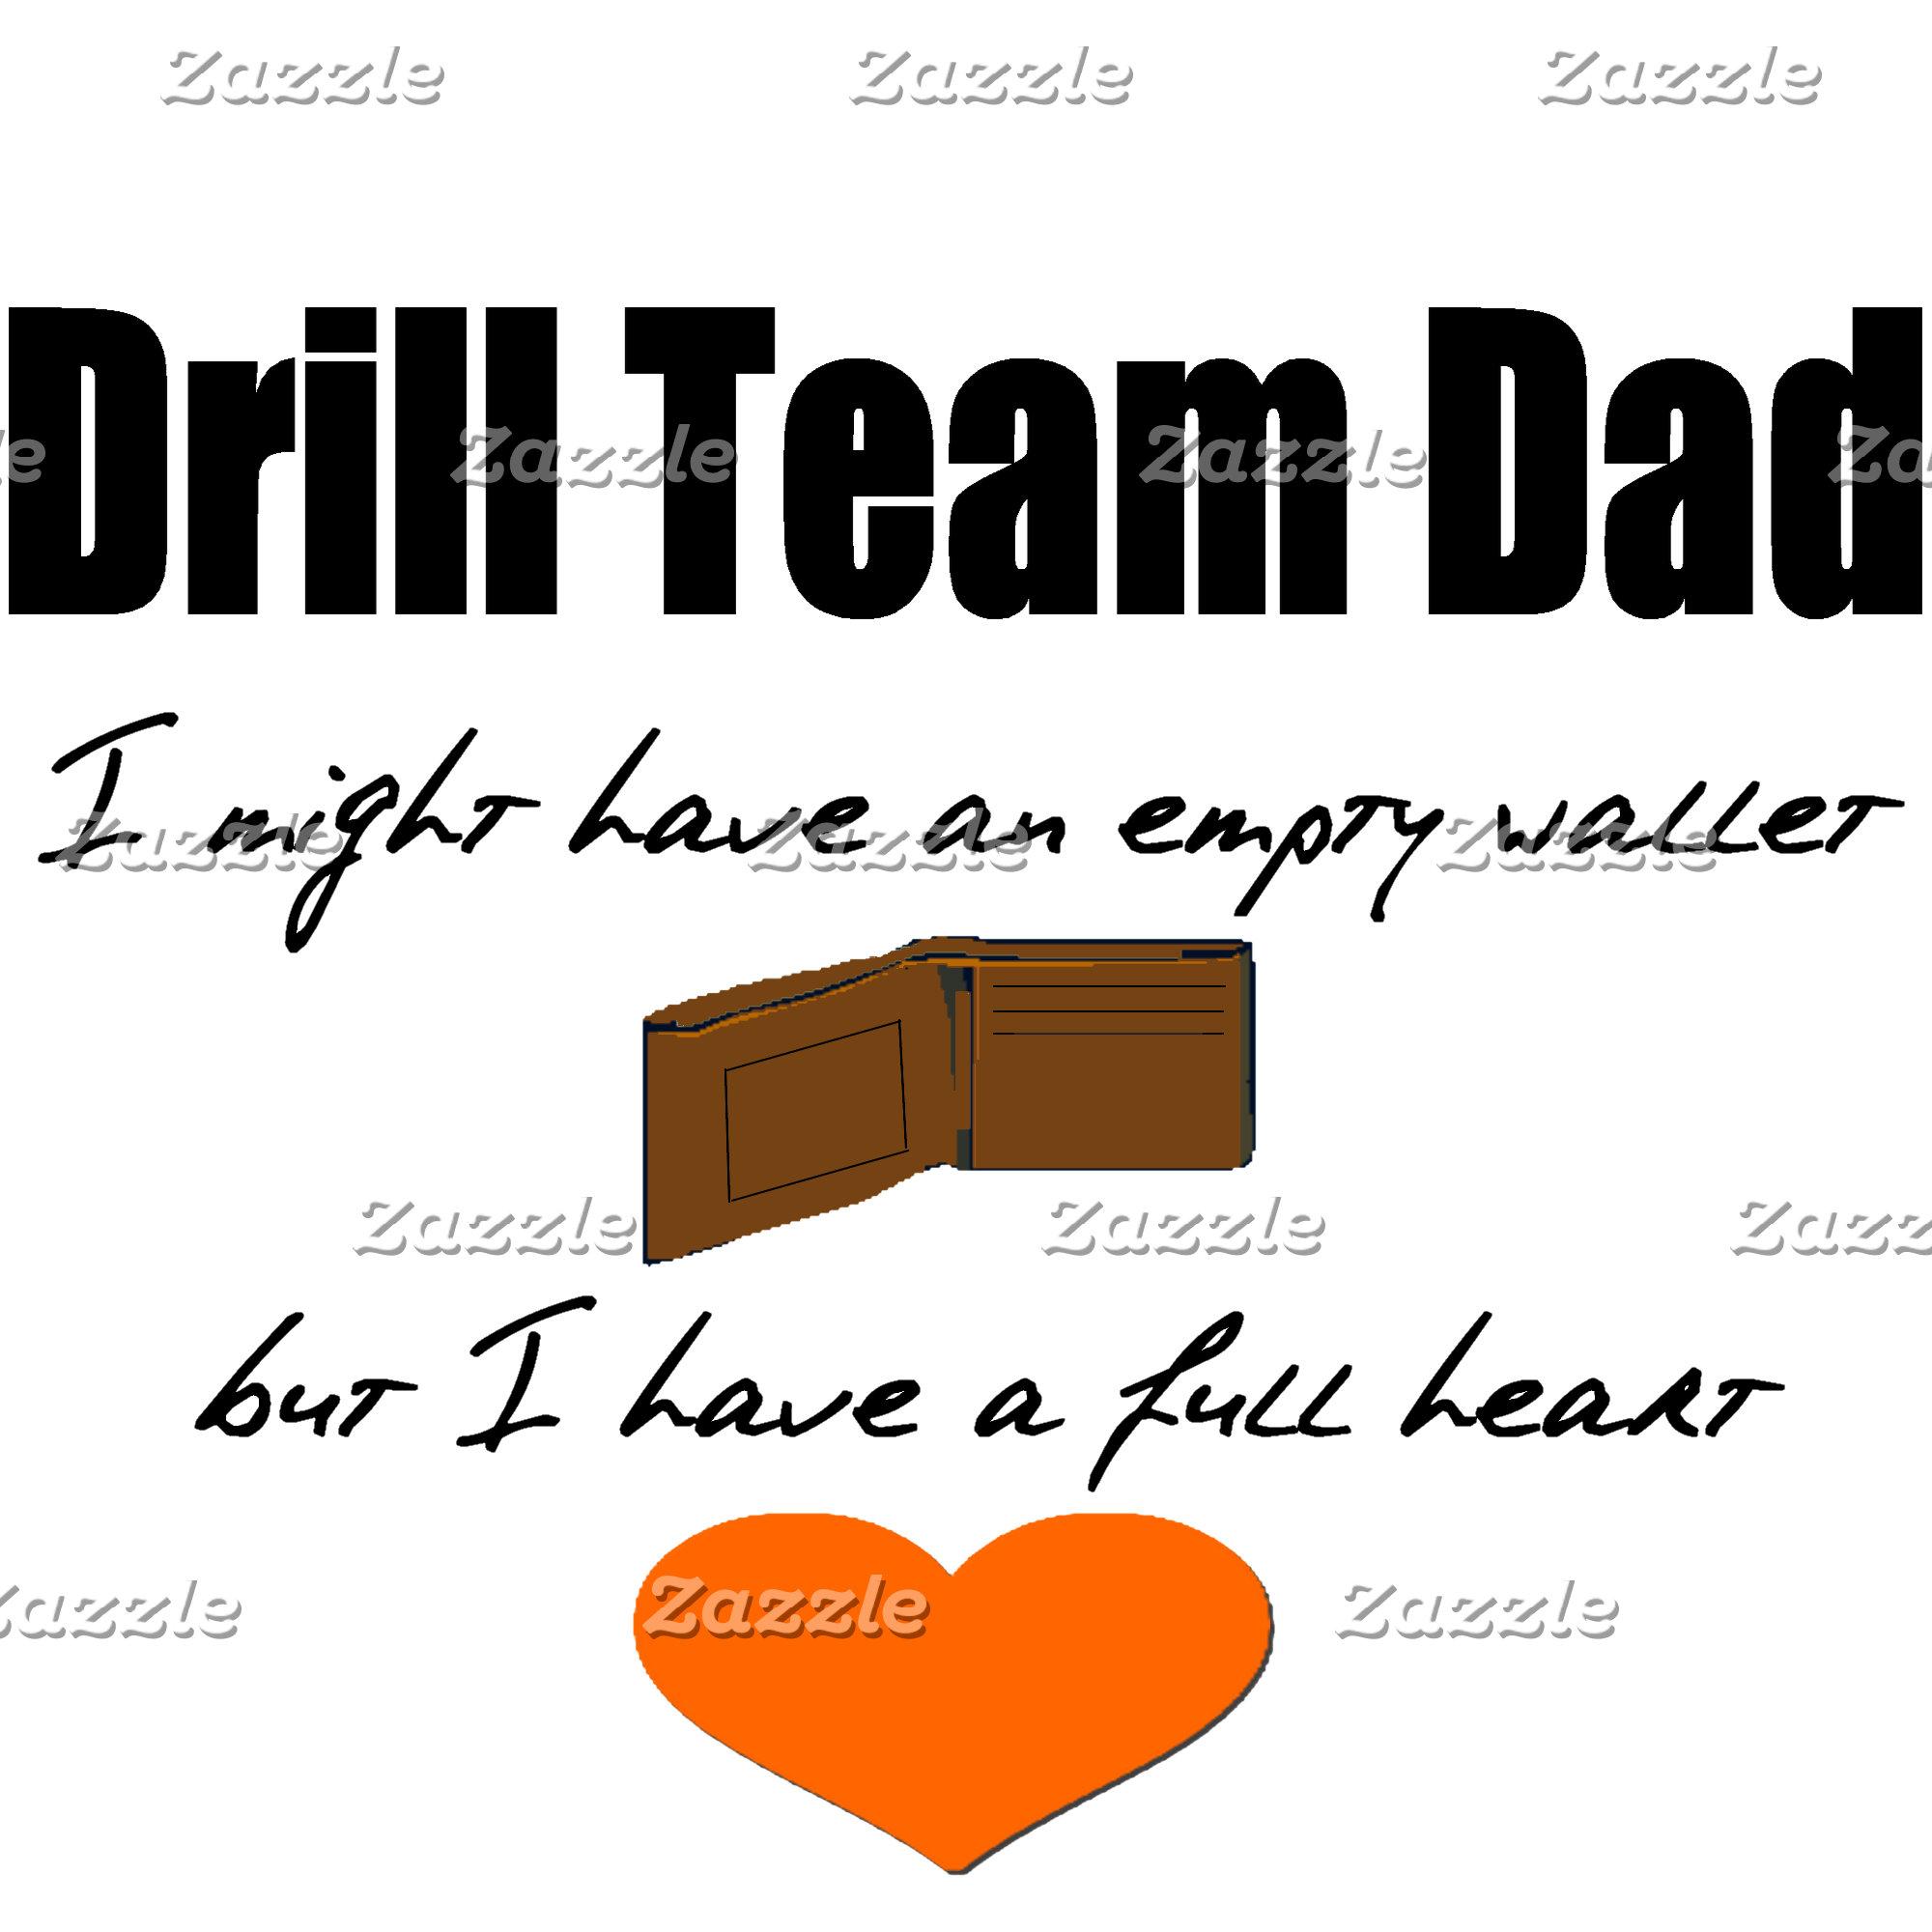 Drill Team Dad - Empty Wallet Full Heart